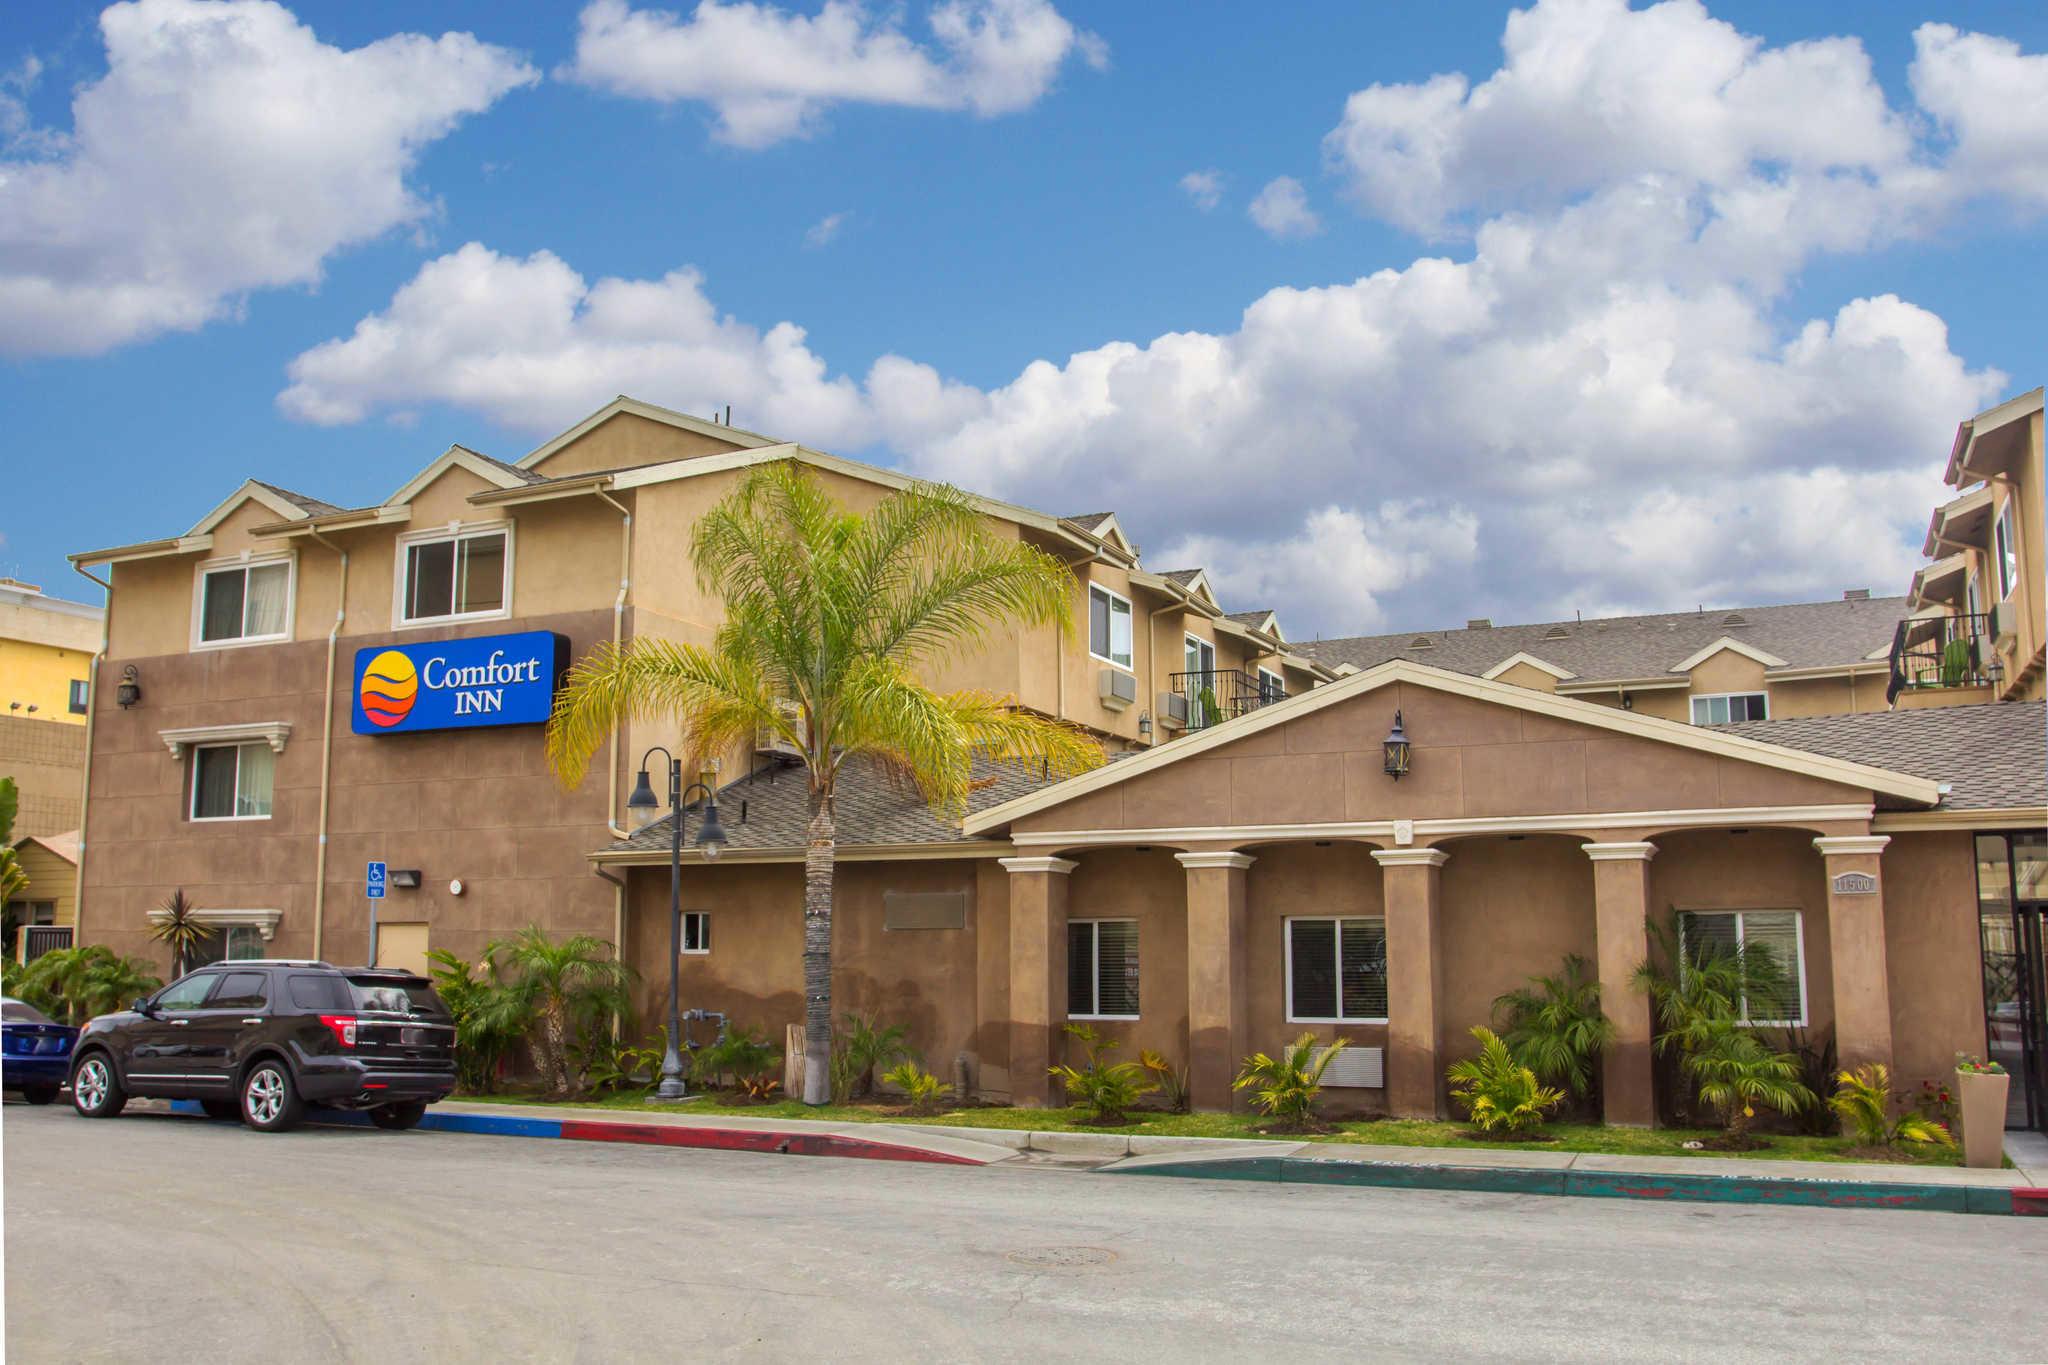 Best Hotels Near Lax